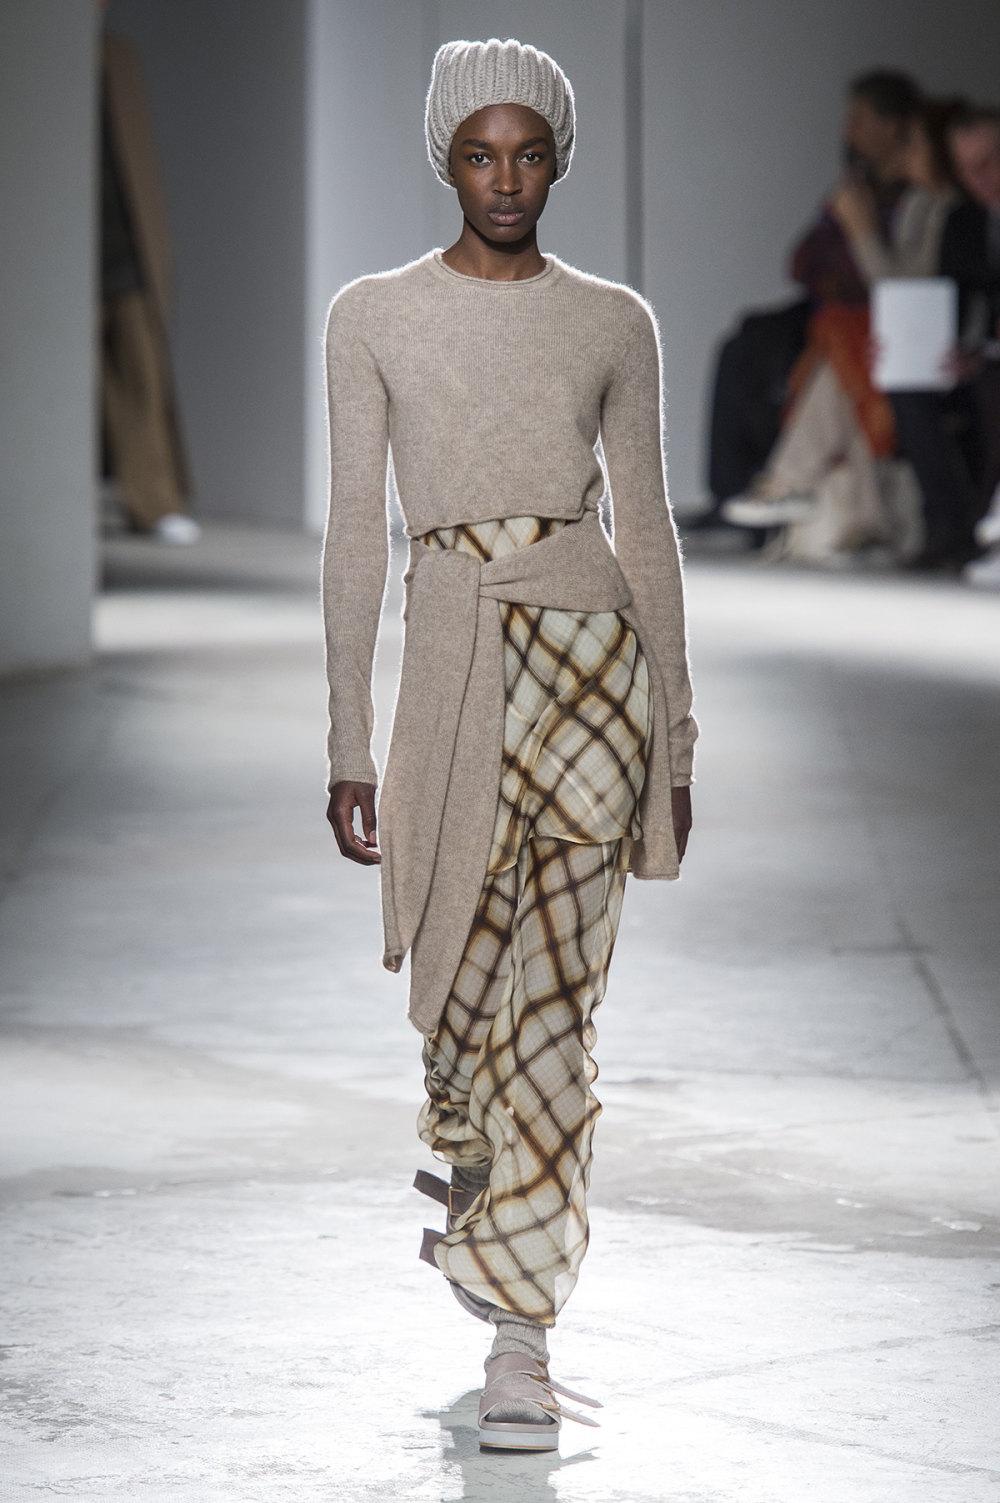 Agnona时装系列有纹理外套长而瘦有些穿着浴袍宽腿裤套装有巧克力-16.jpg